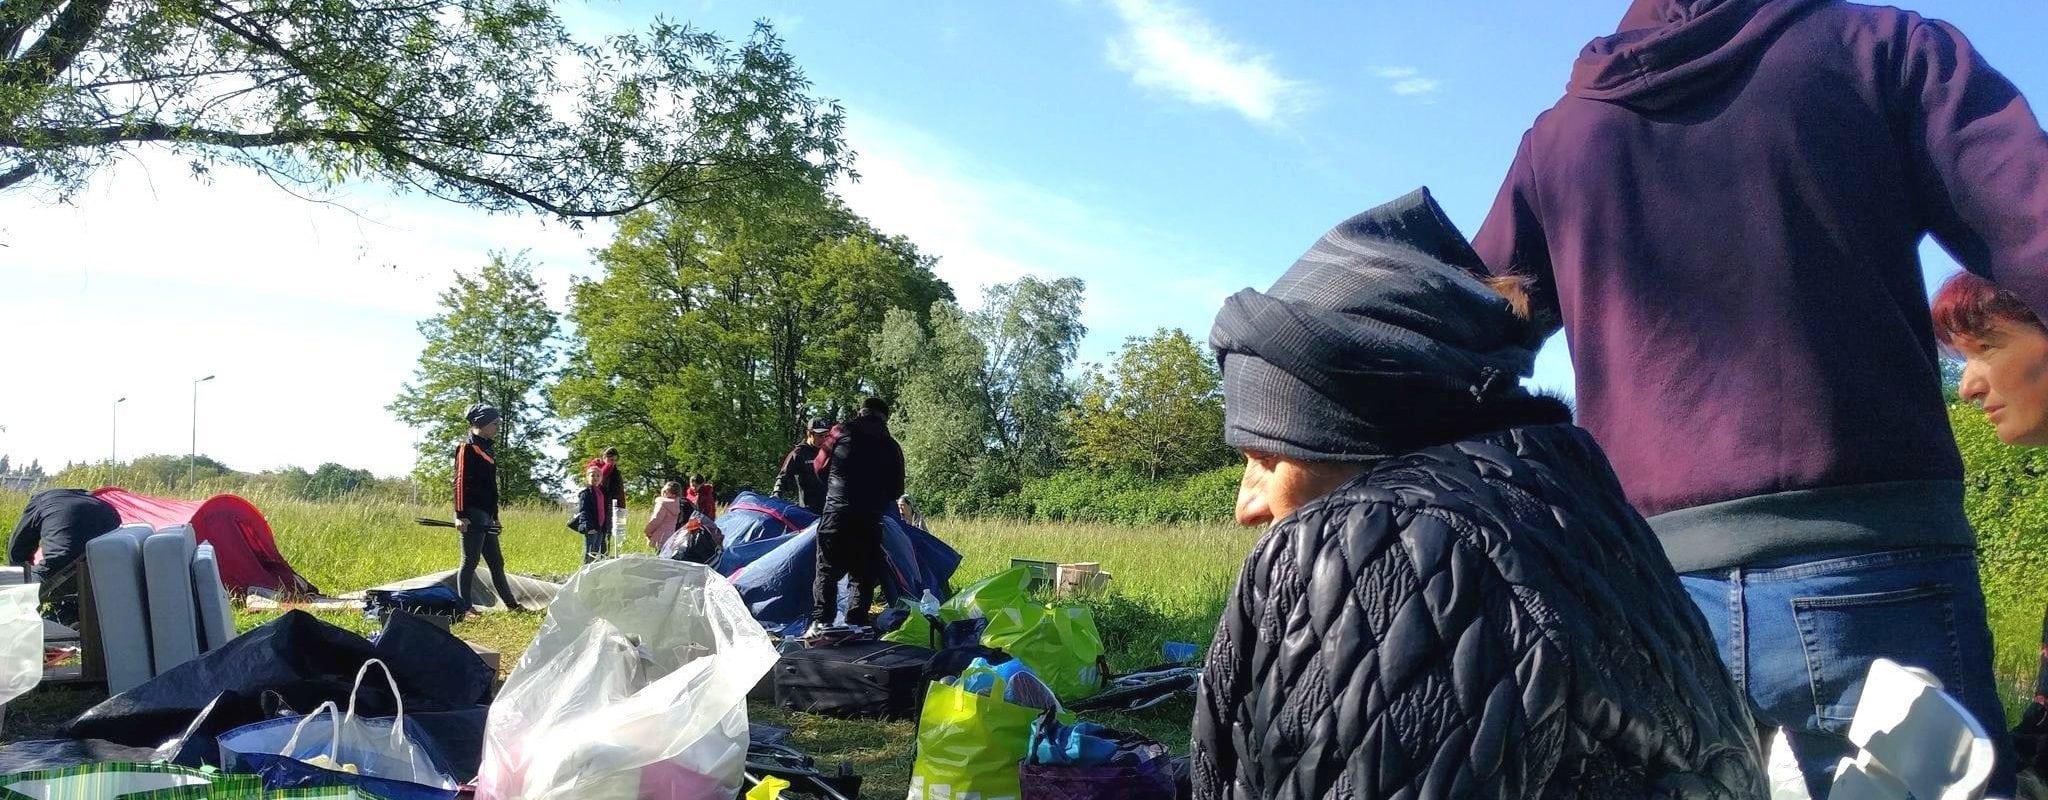 L'hébergement d'urgence à Strasbourg, chronique d'un système sous haute tension